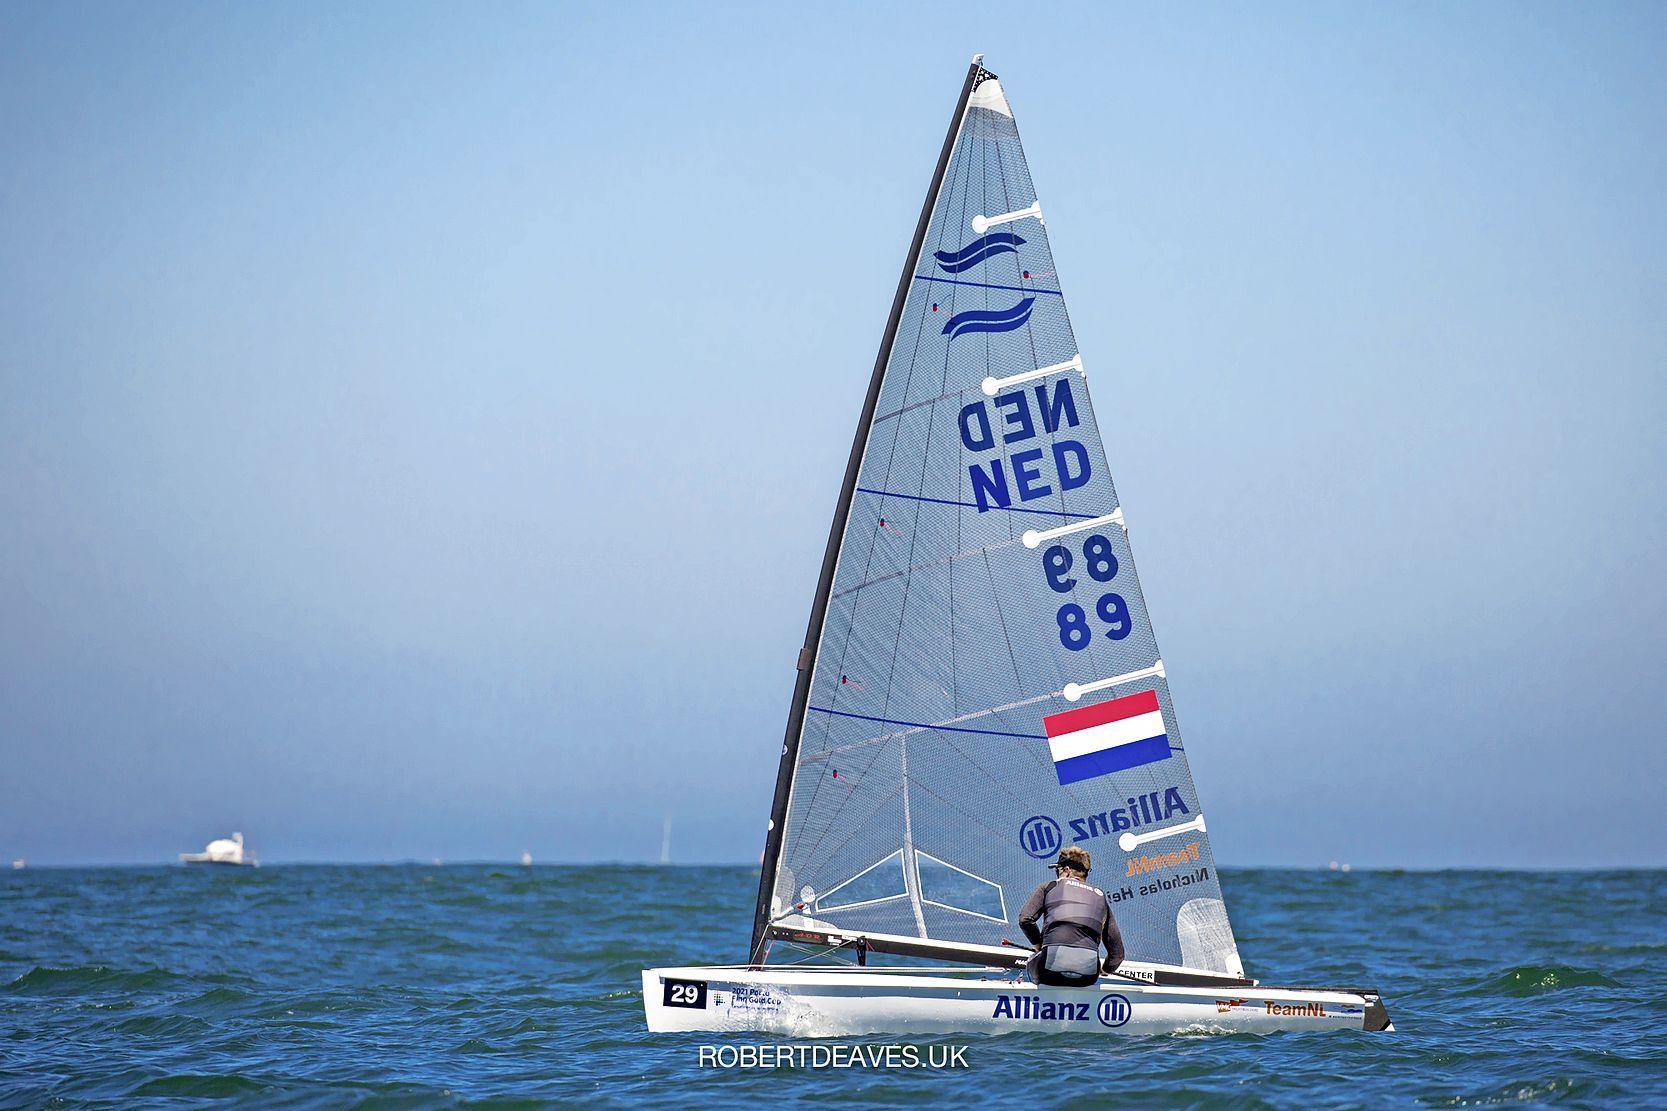 'Een dag van net niet', maar zeiler Nicholas Heiner verbetert zich wel iets op tweede racedag van WK Finn